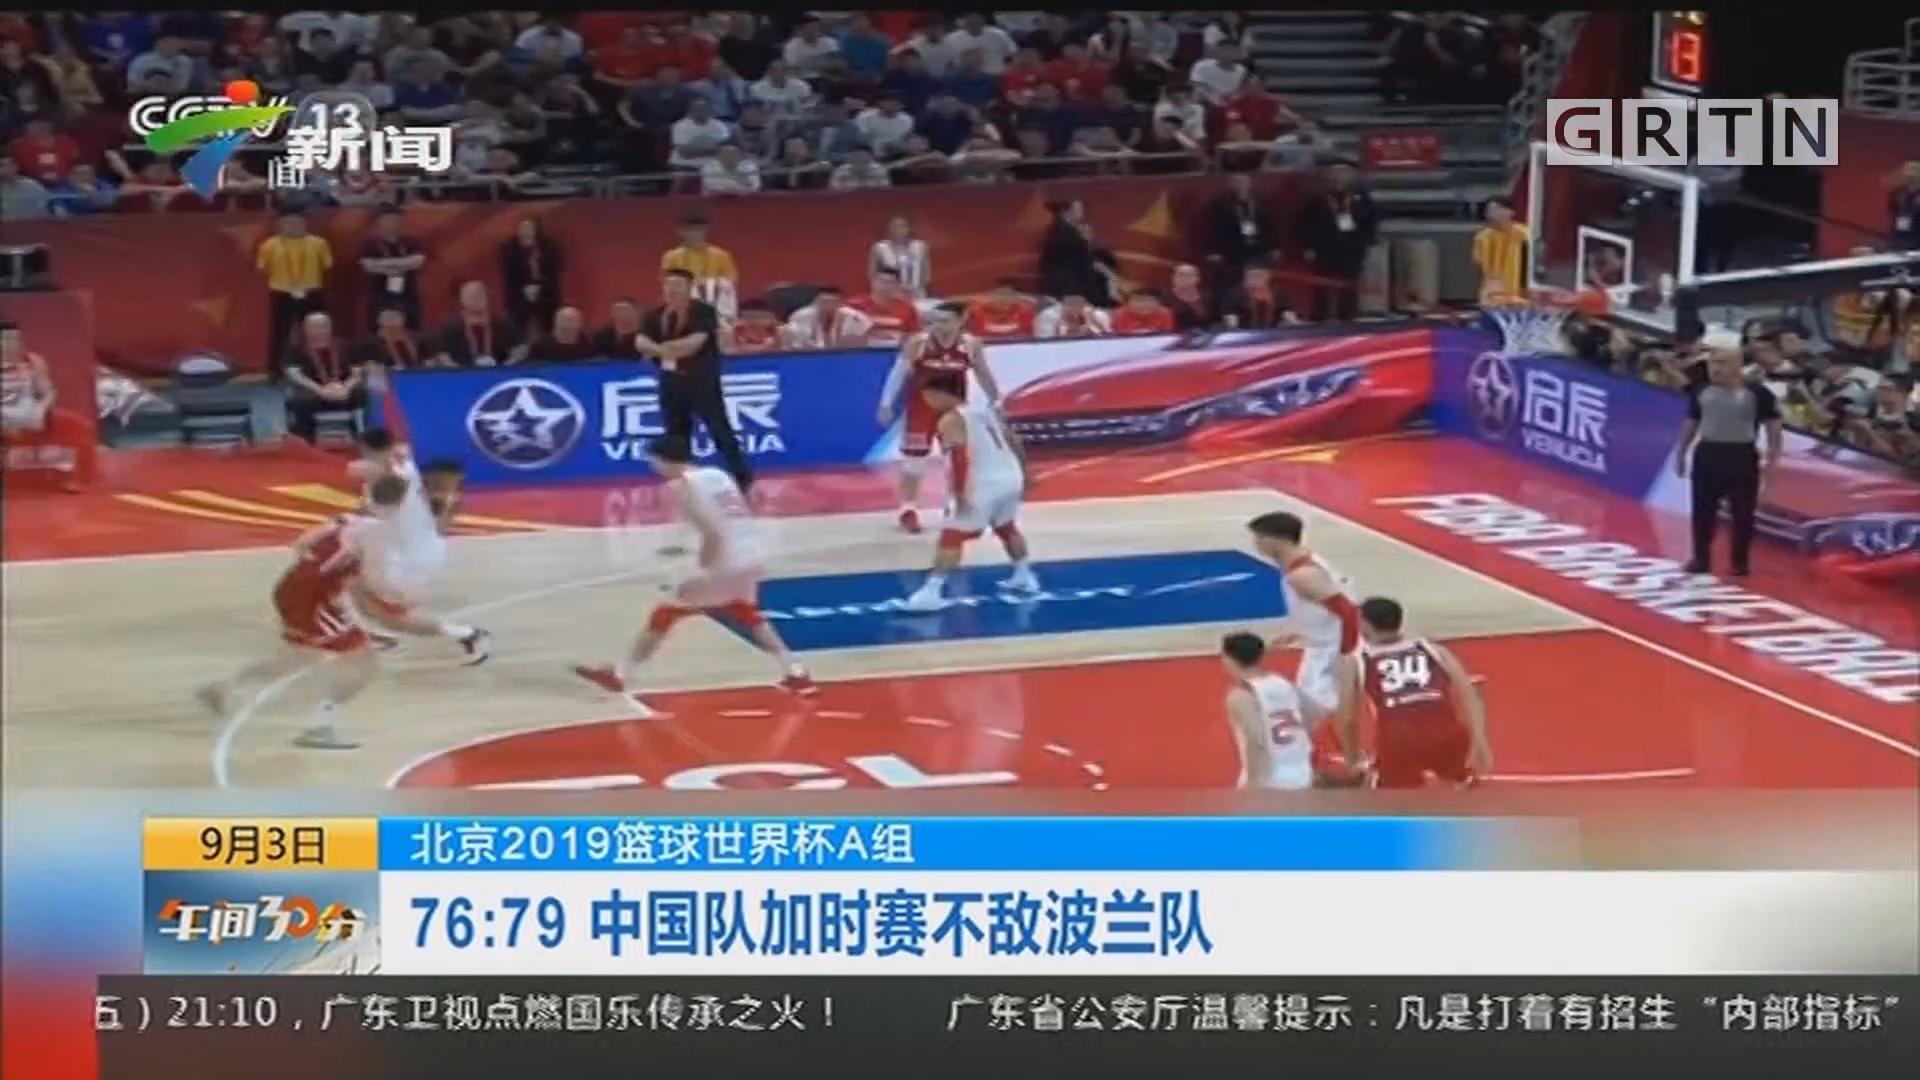 北京2019篮球世界杯A组:76:79 中国队加时赛不敌波兰队